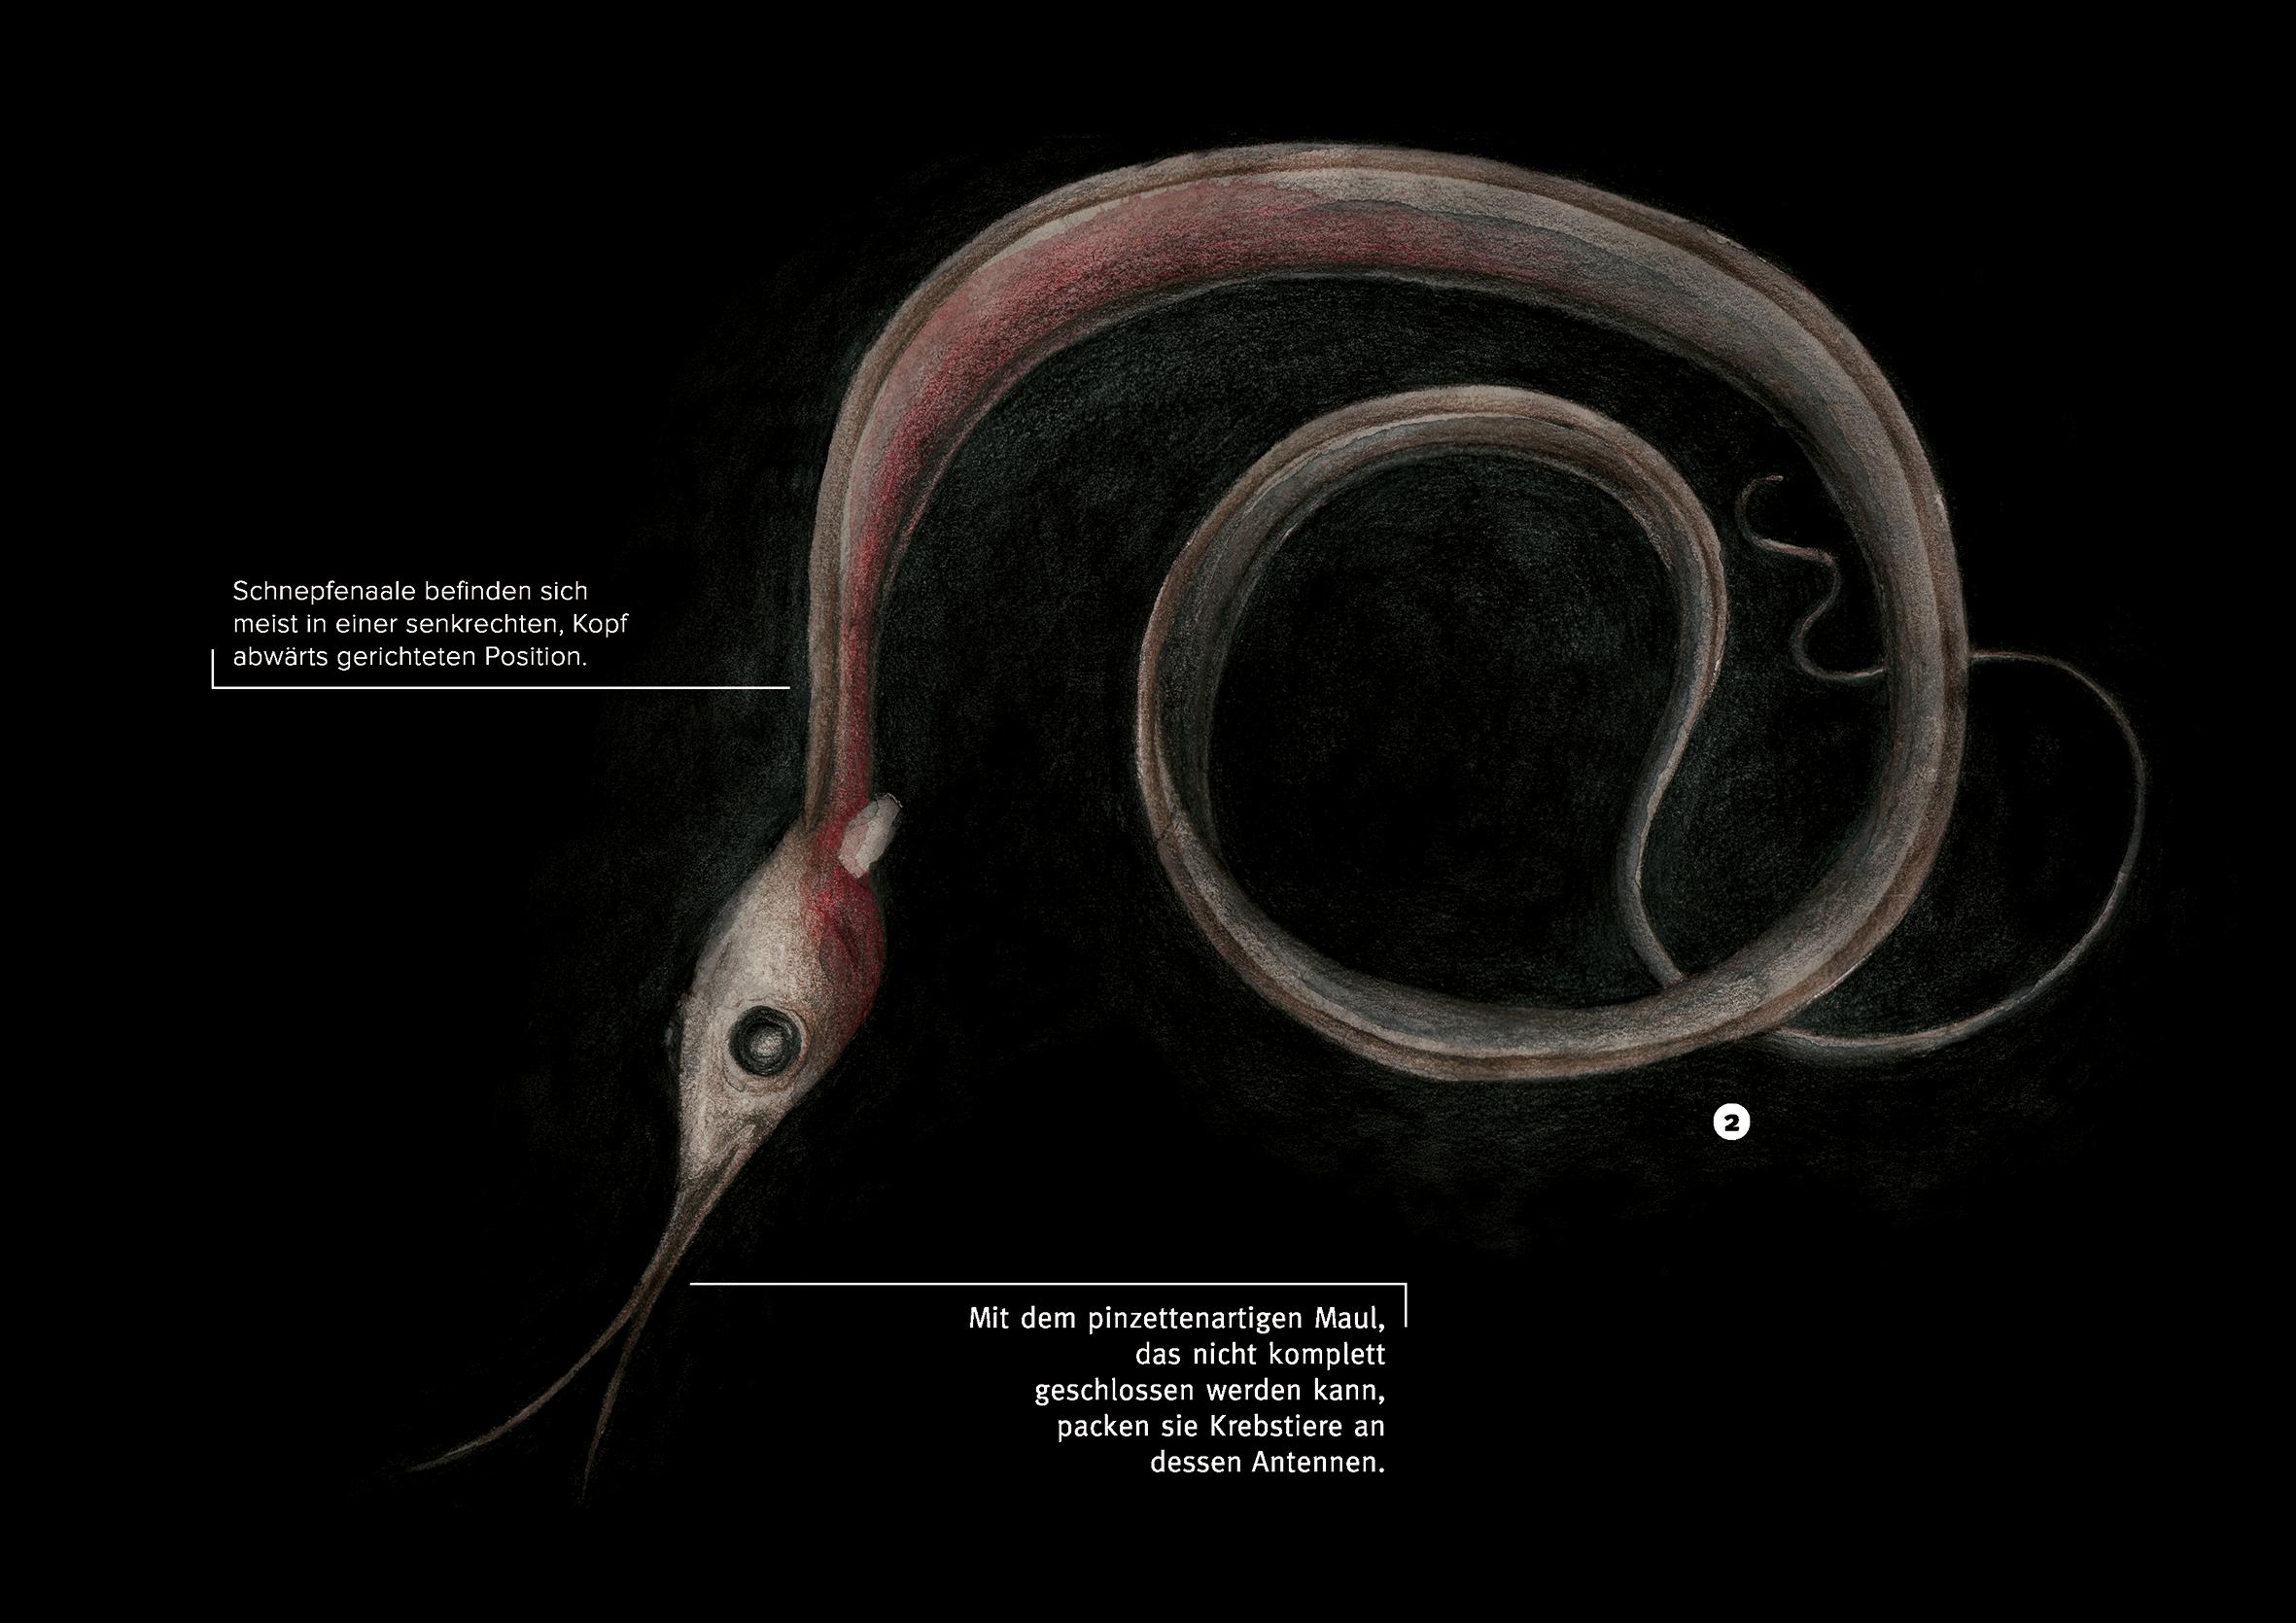 Melanie-Austermann-Meau-Design-Elftausend-Schnepfenaal-Wissenschaftsillustration-Buchillustration